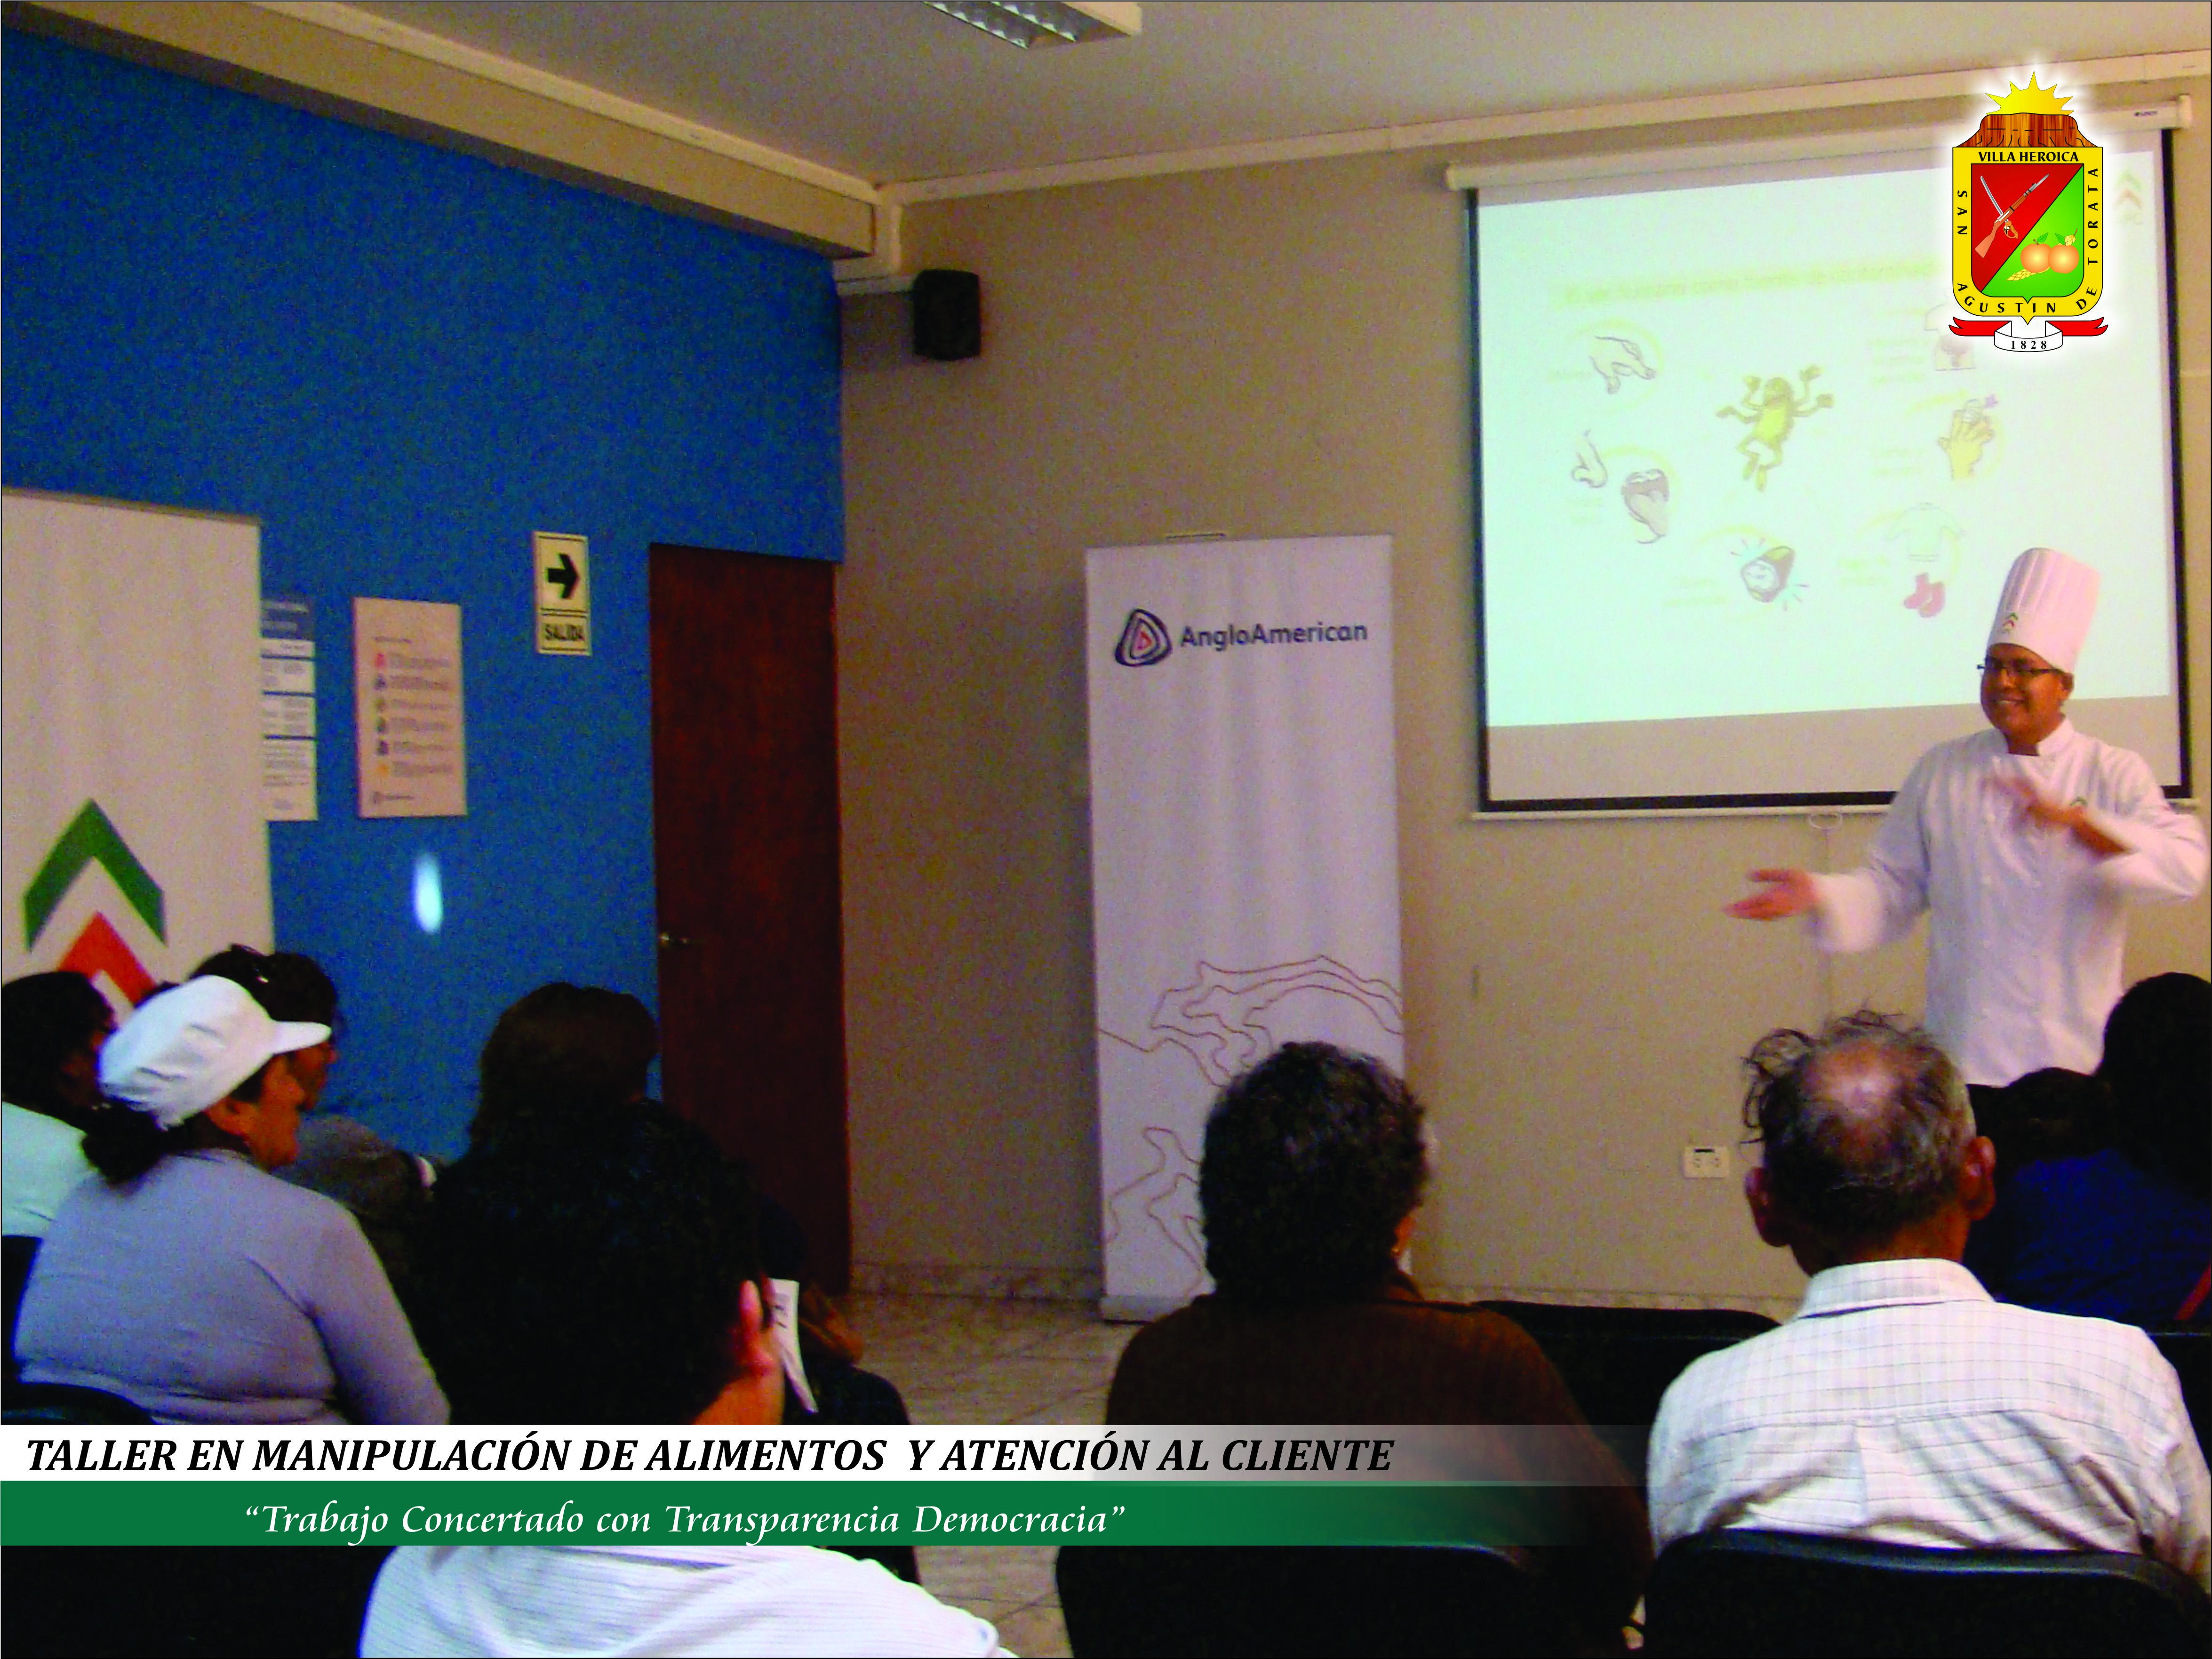 PROPIETARIOS DE RESTAURANTES Y PANADERÍAS PARTICIPARON DE TALLER EN MANIPULACIÓN DE ALIMENTOS Y ATENCIÓN AL CLIENTE